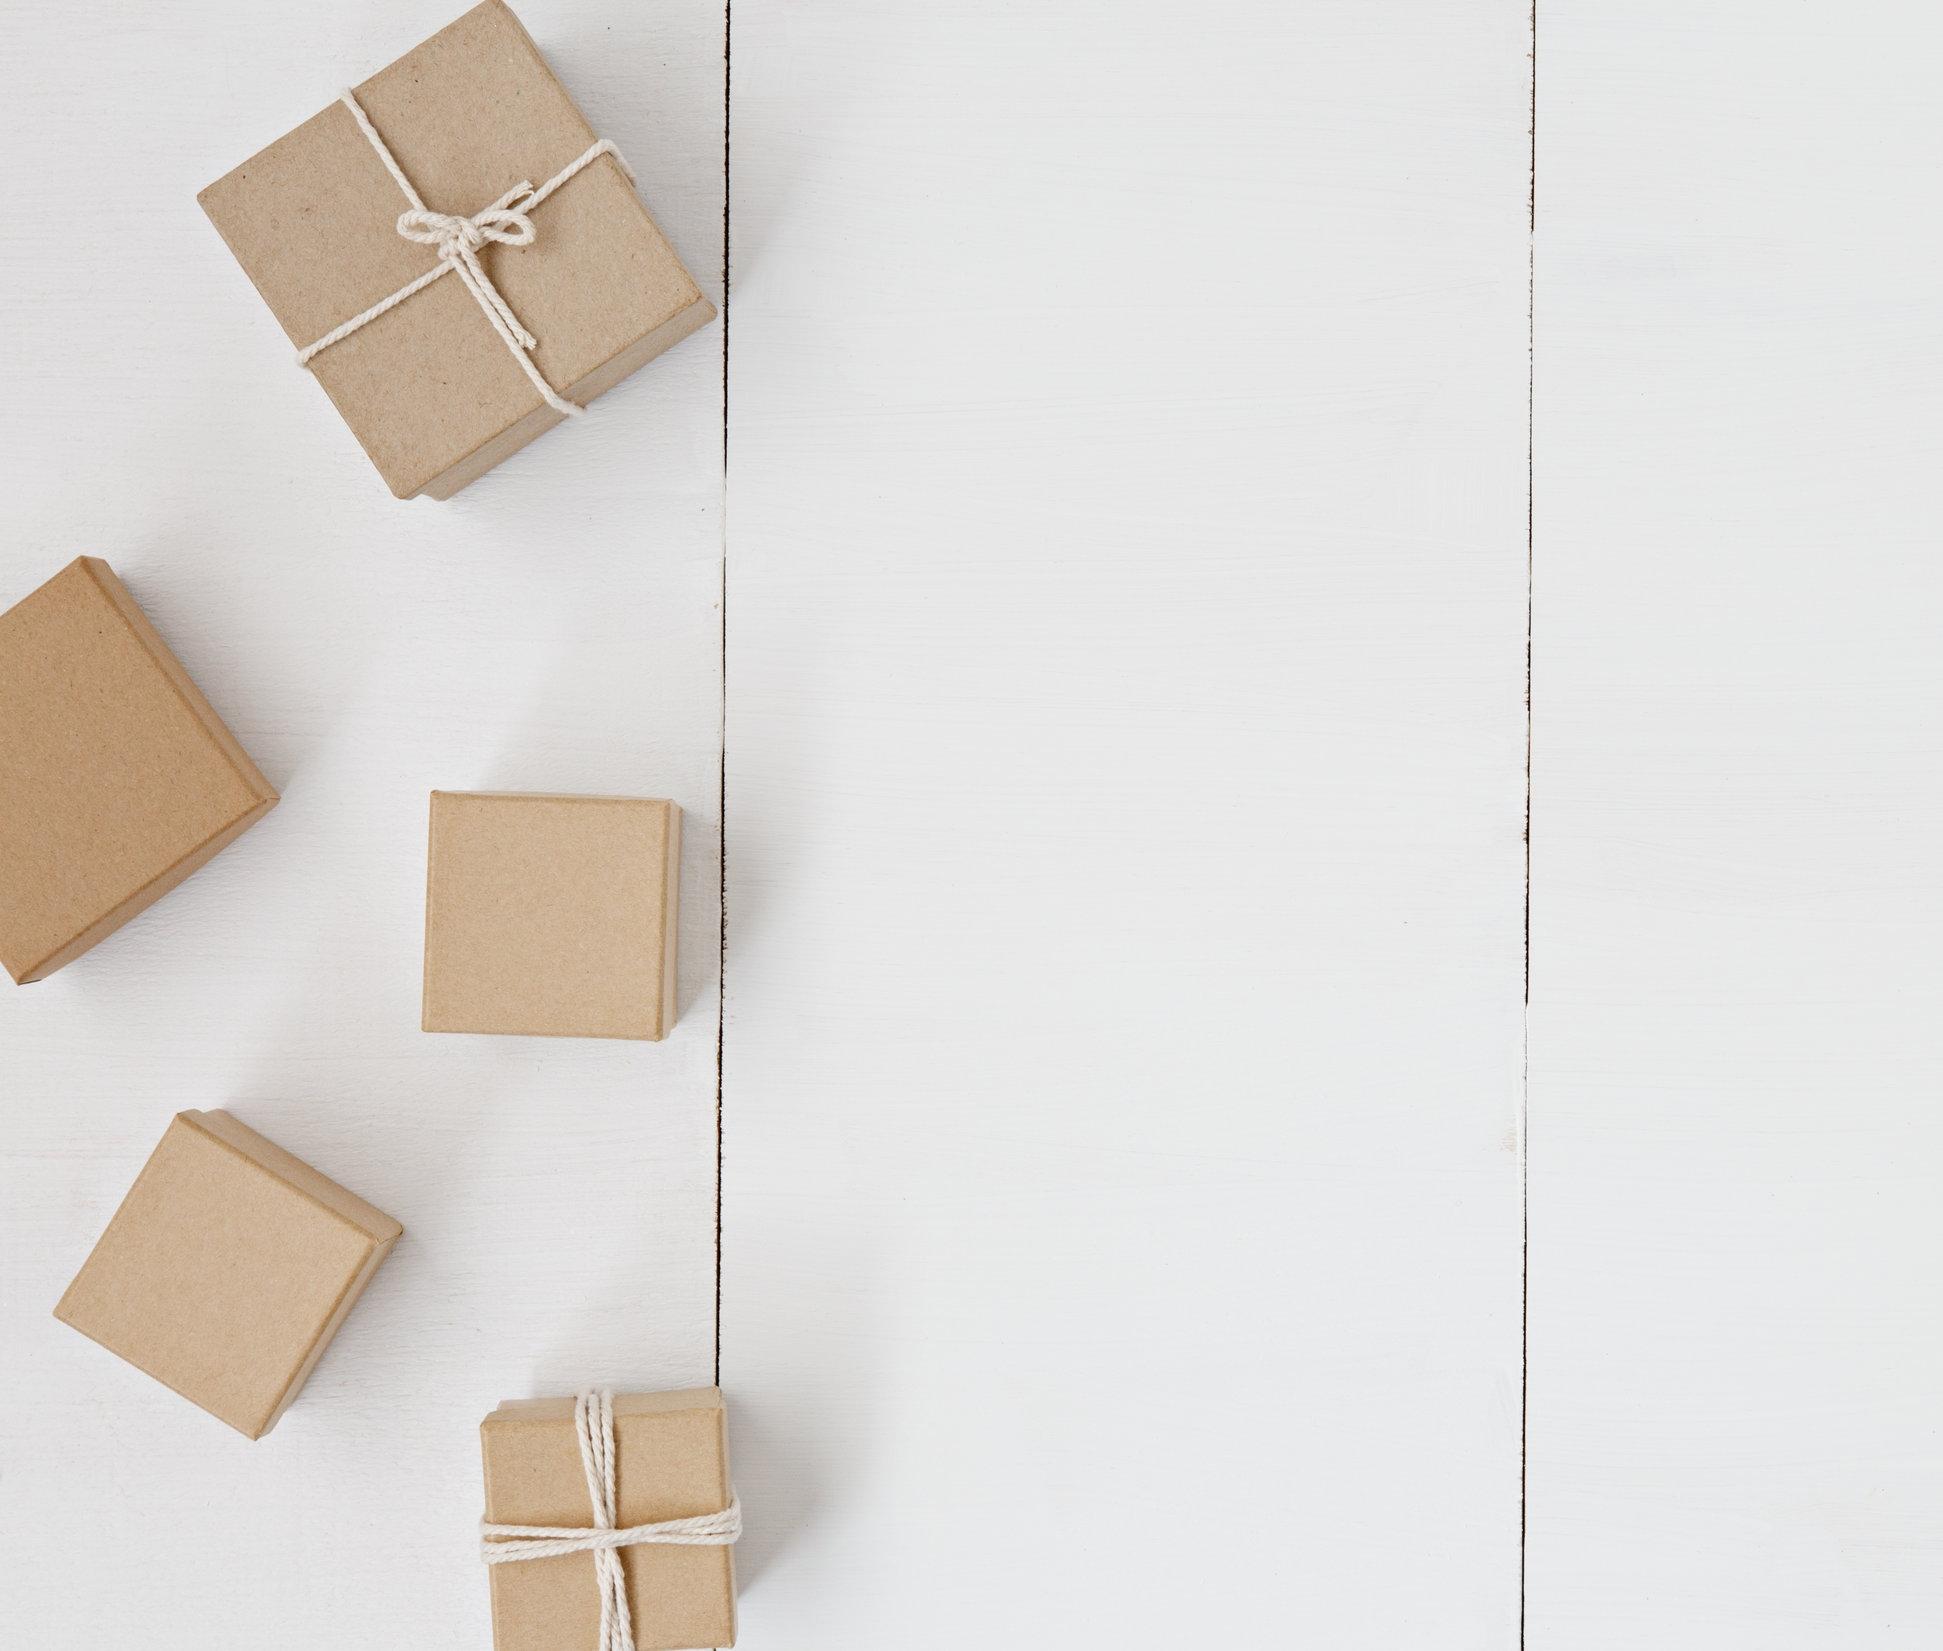 """Thinking out of the box. - ….Vi er anderledes og har det bedst i uvante rammer. Vi forsøger altid at tænke ud af boksen for at kunne optimere vores kunders økonomifunktion maksimalt. Vi lever efter princippet """"work smarter – not harder"""". Vores faglighed sikrer, at vi kan tænke ud af boksen i forhold til økonomiske problemstillinger, og at vi altid er innovative og løsningsorienterede..We are different and feel most comfortable in unaccustomed surroundings. We always attempt to think outside the box to optimize our clients finance department. We live by the principle """"Work smarter – not harder"""". Our professional competence ensures we can think outside the box when it comes to financial issues and that we are always innovative and solution-oriented…."""